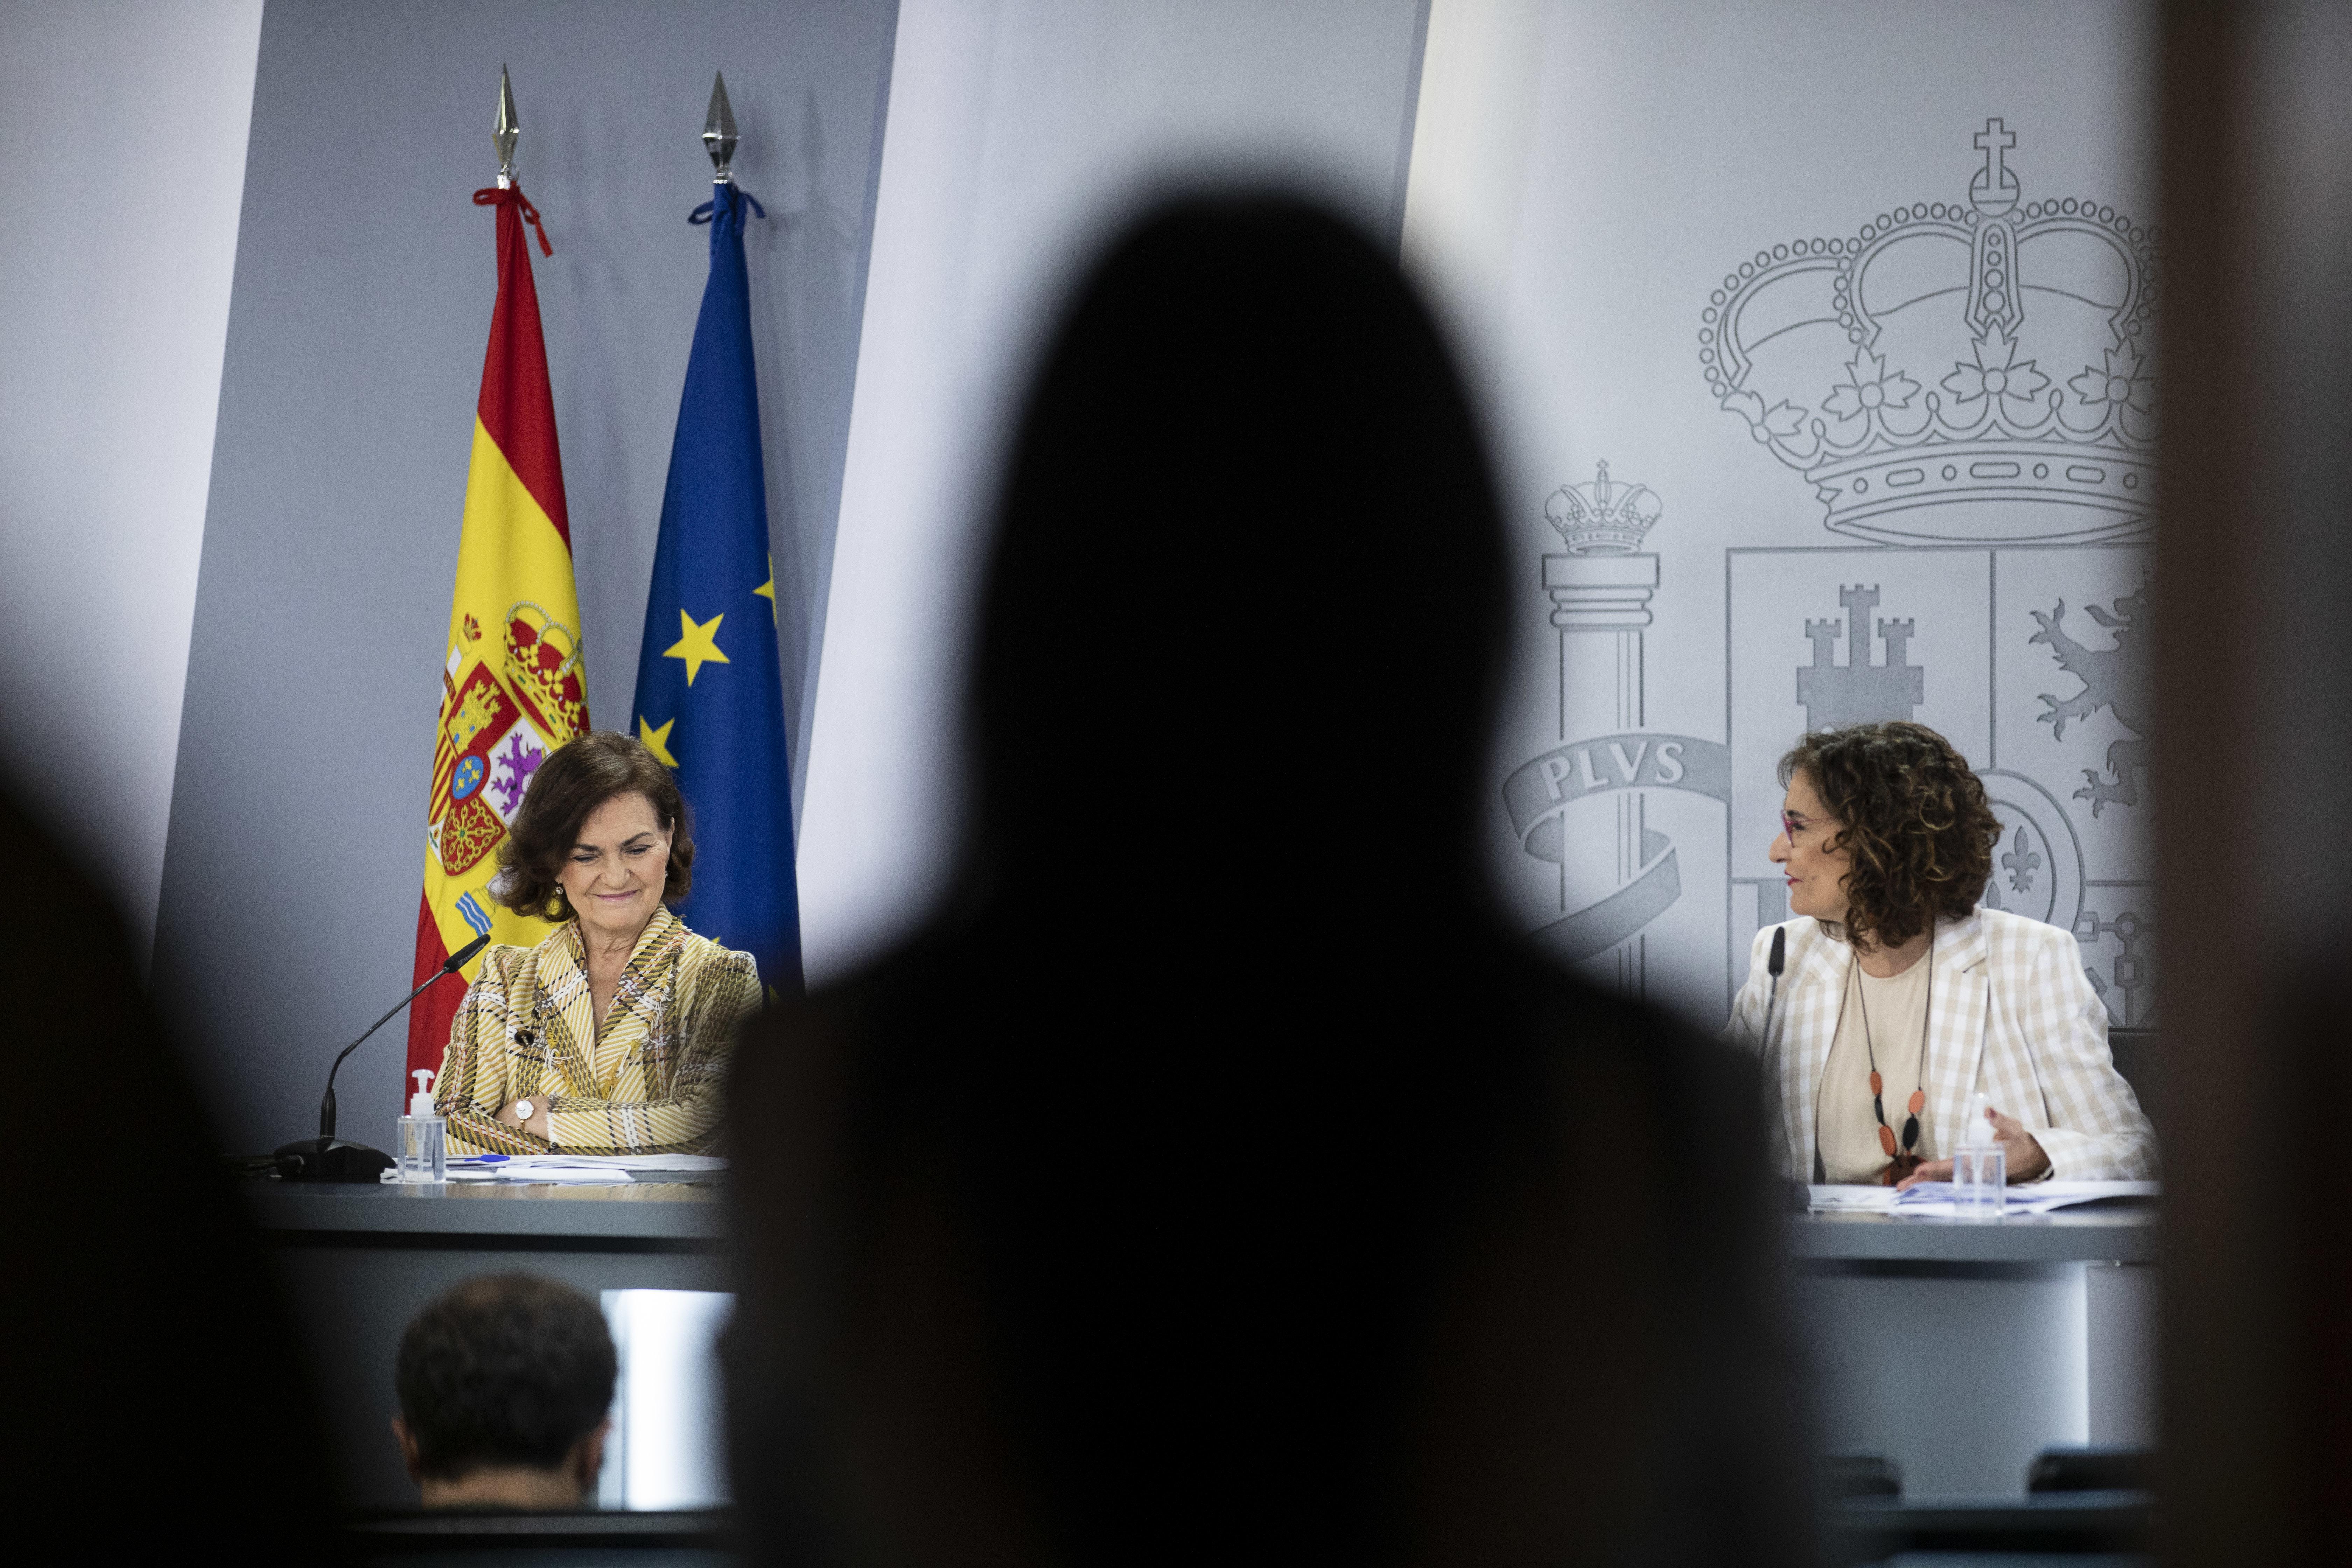 La vicepresidenta Carmen Calvo y la ministra de Hacienda, María Jesús Montero, este martes en Moncloa